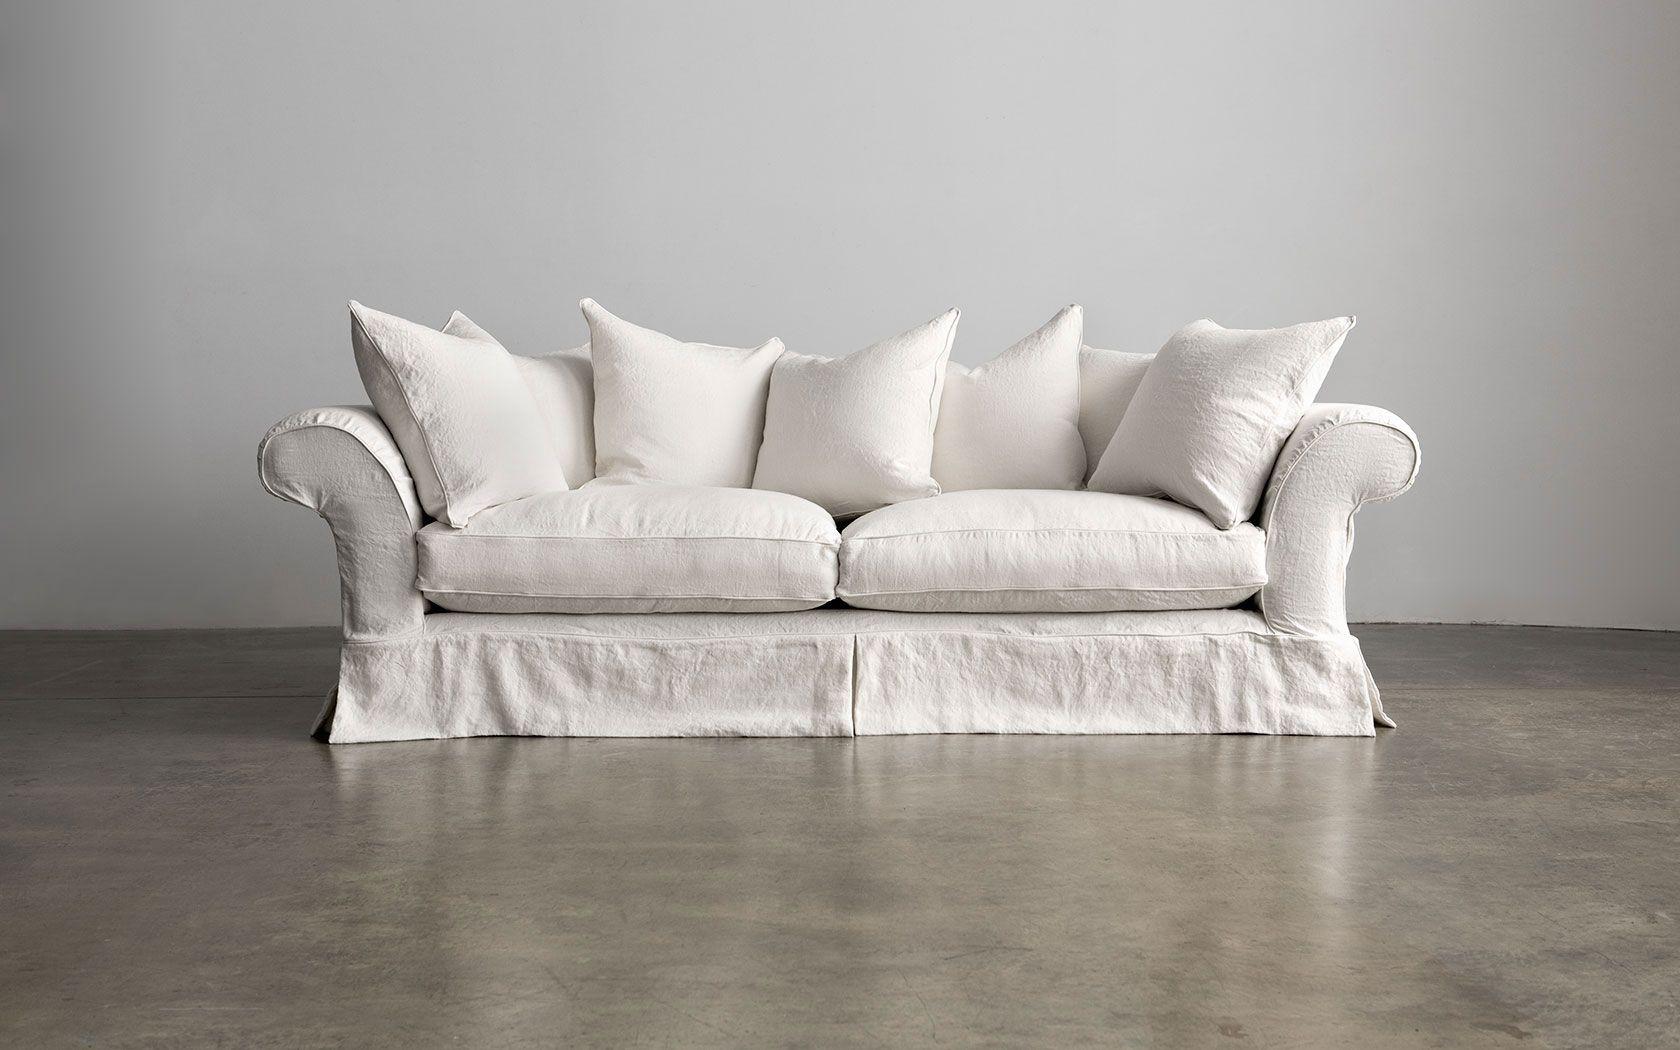 Montauk Sofa Nine Bean Rows Sofa White Sofas Montauk